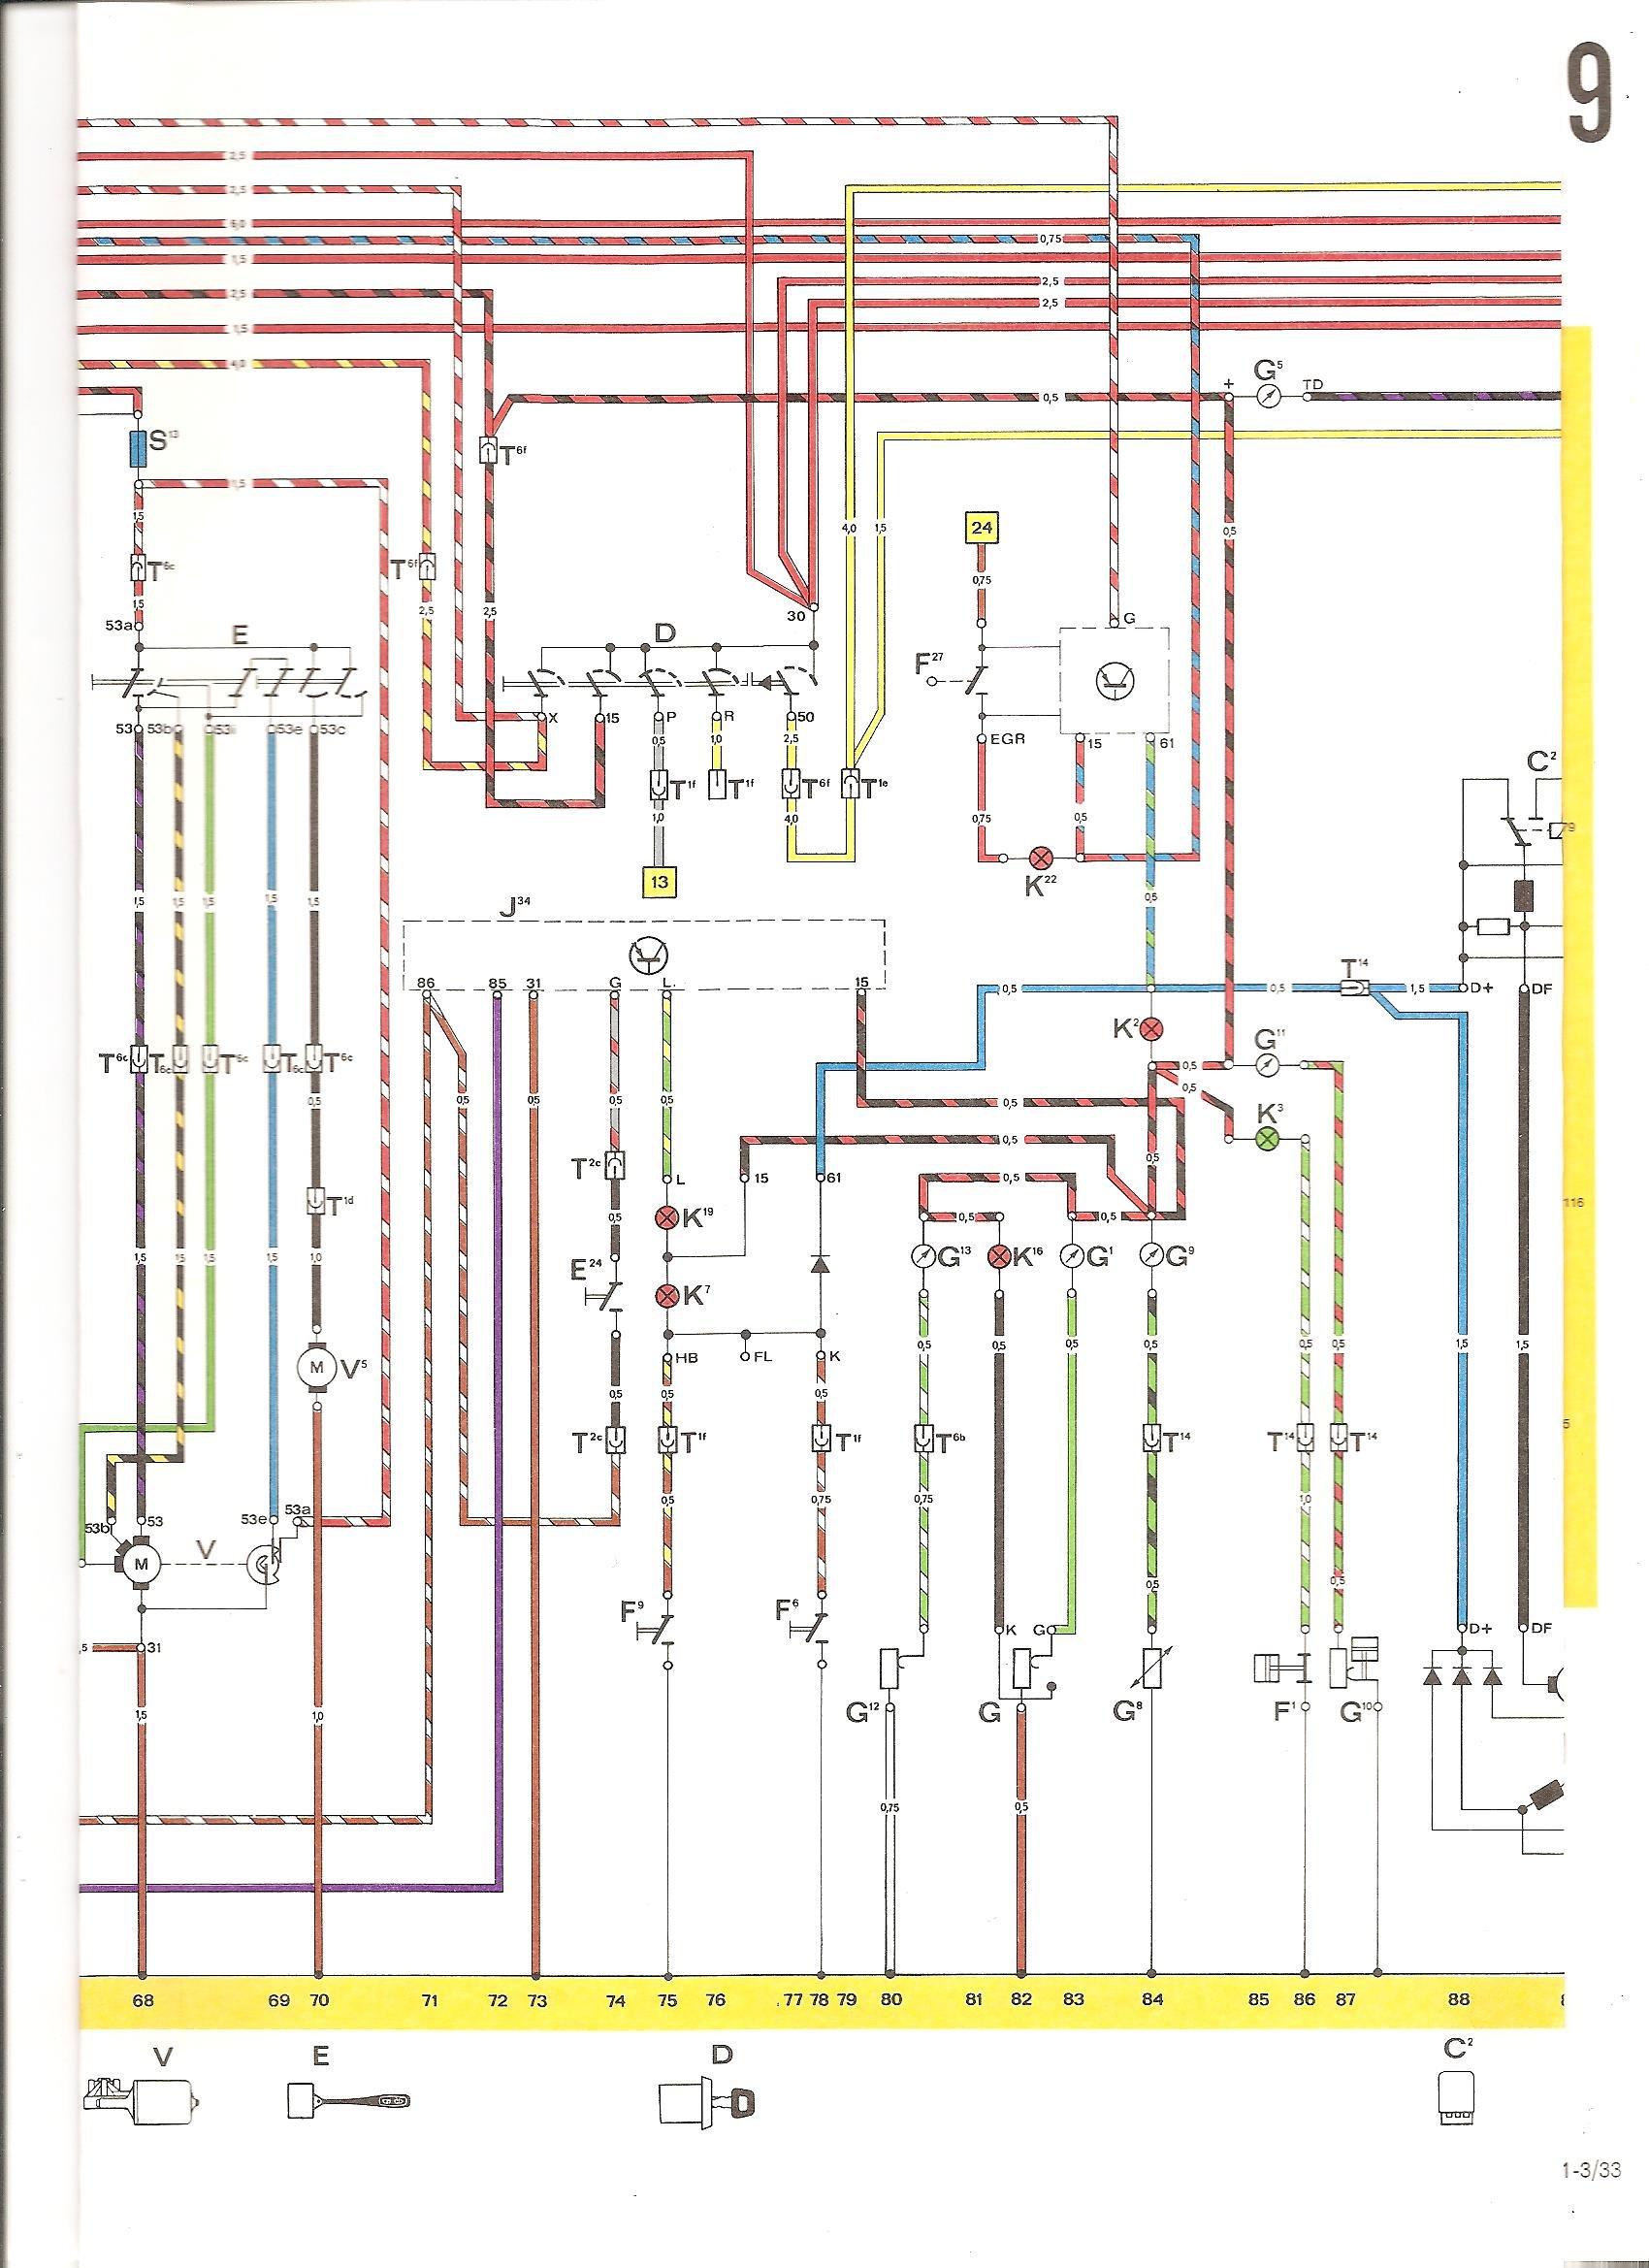 Wiring Diagram Porsche 911 Sc 1981